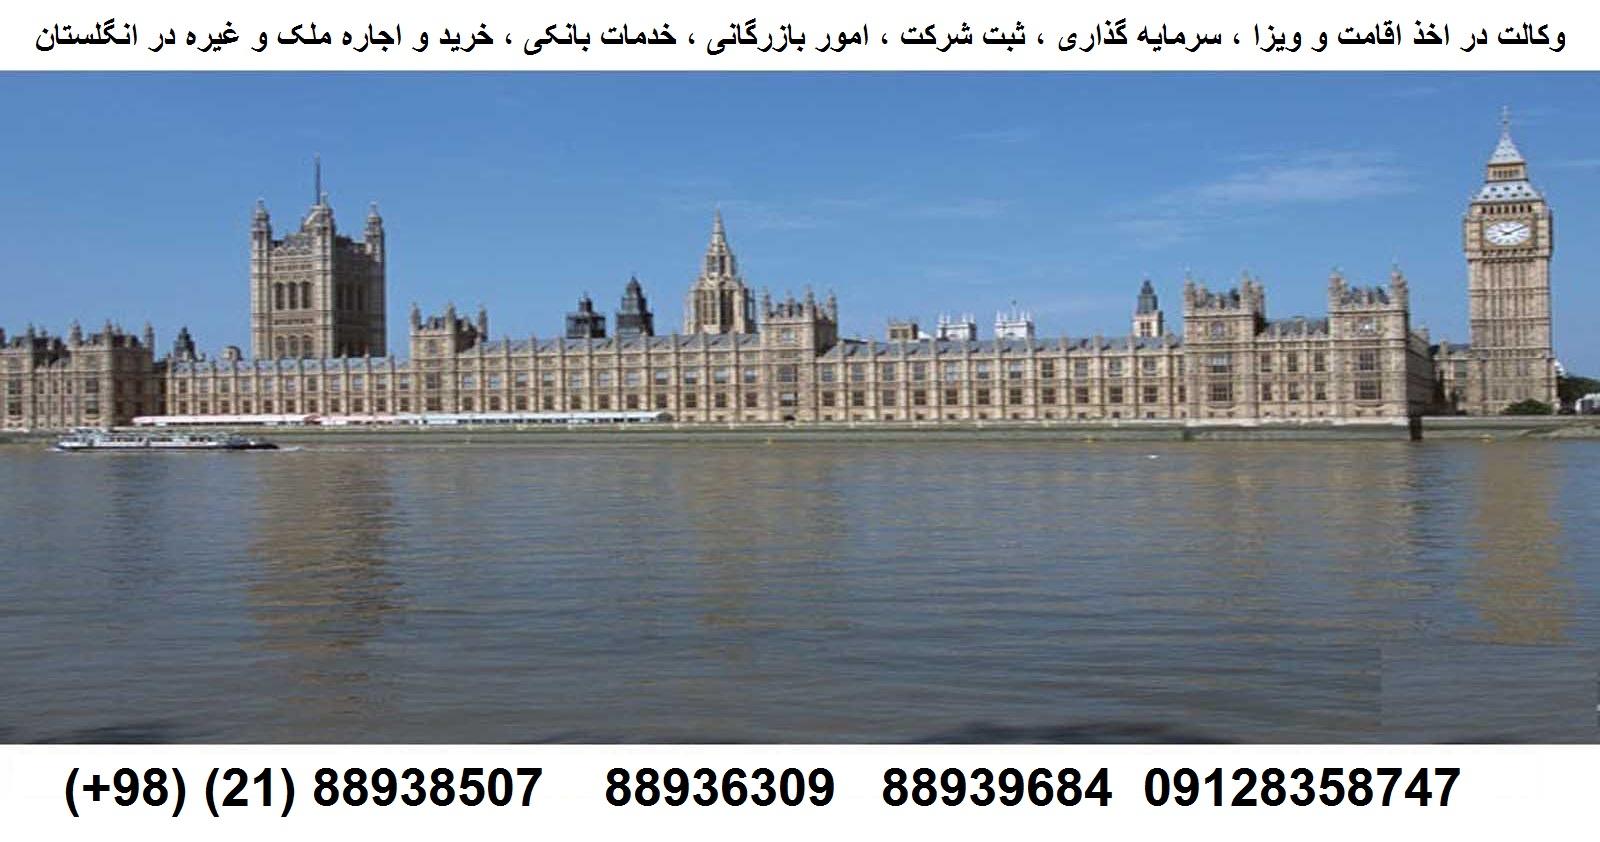 مهاجرت به کشور انگلستان (2)